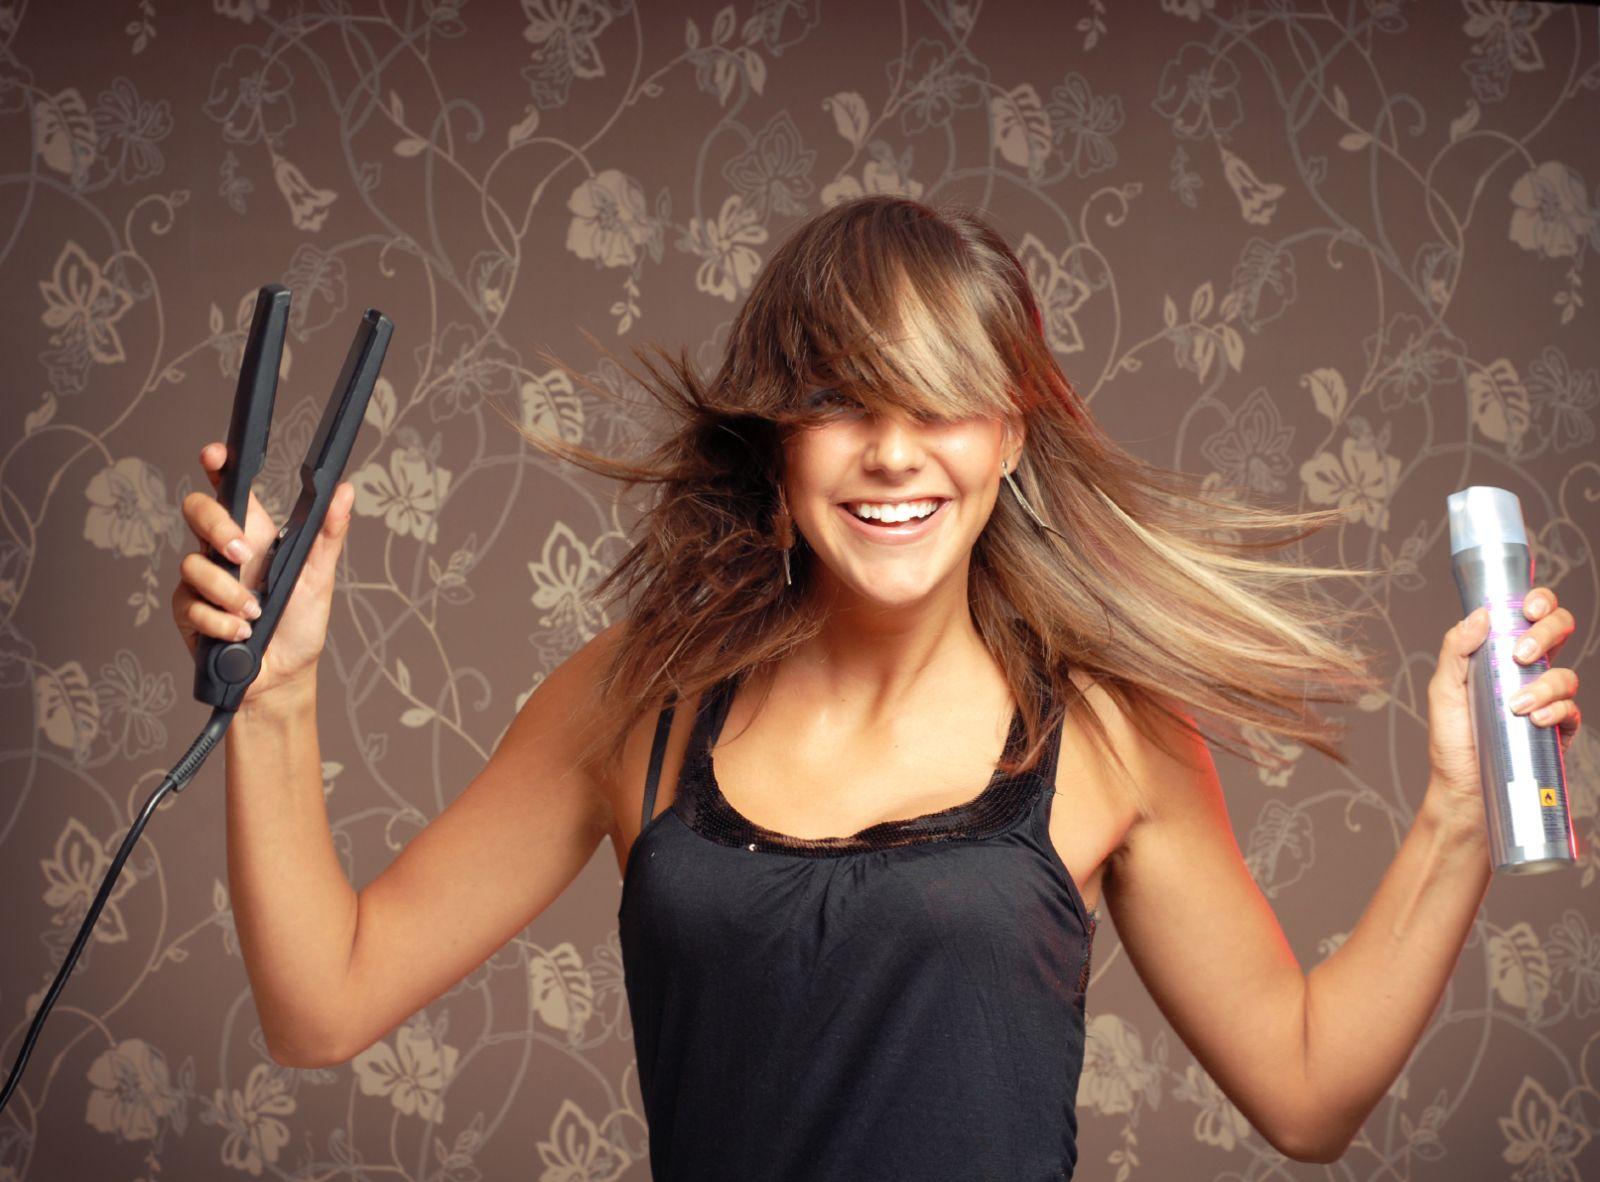 Как правильно выпрямлять волосы - фото №3